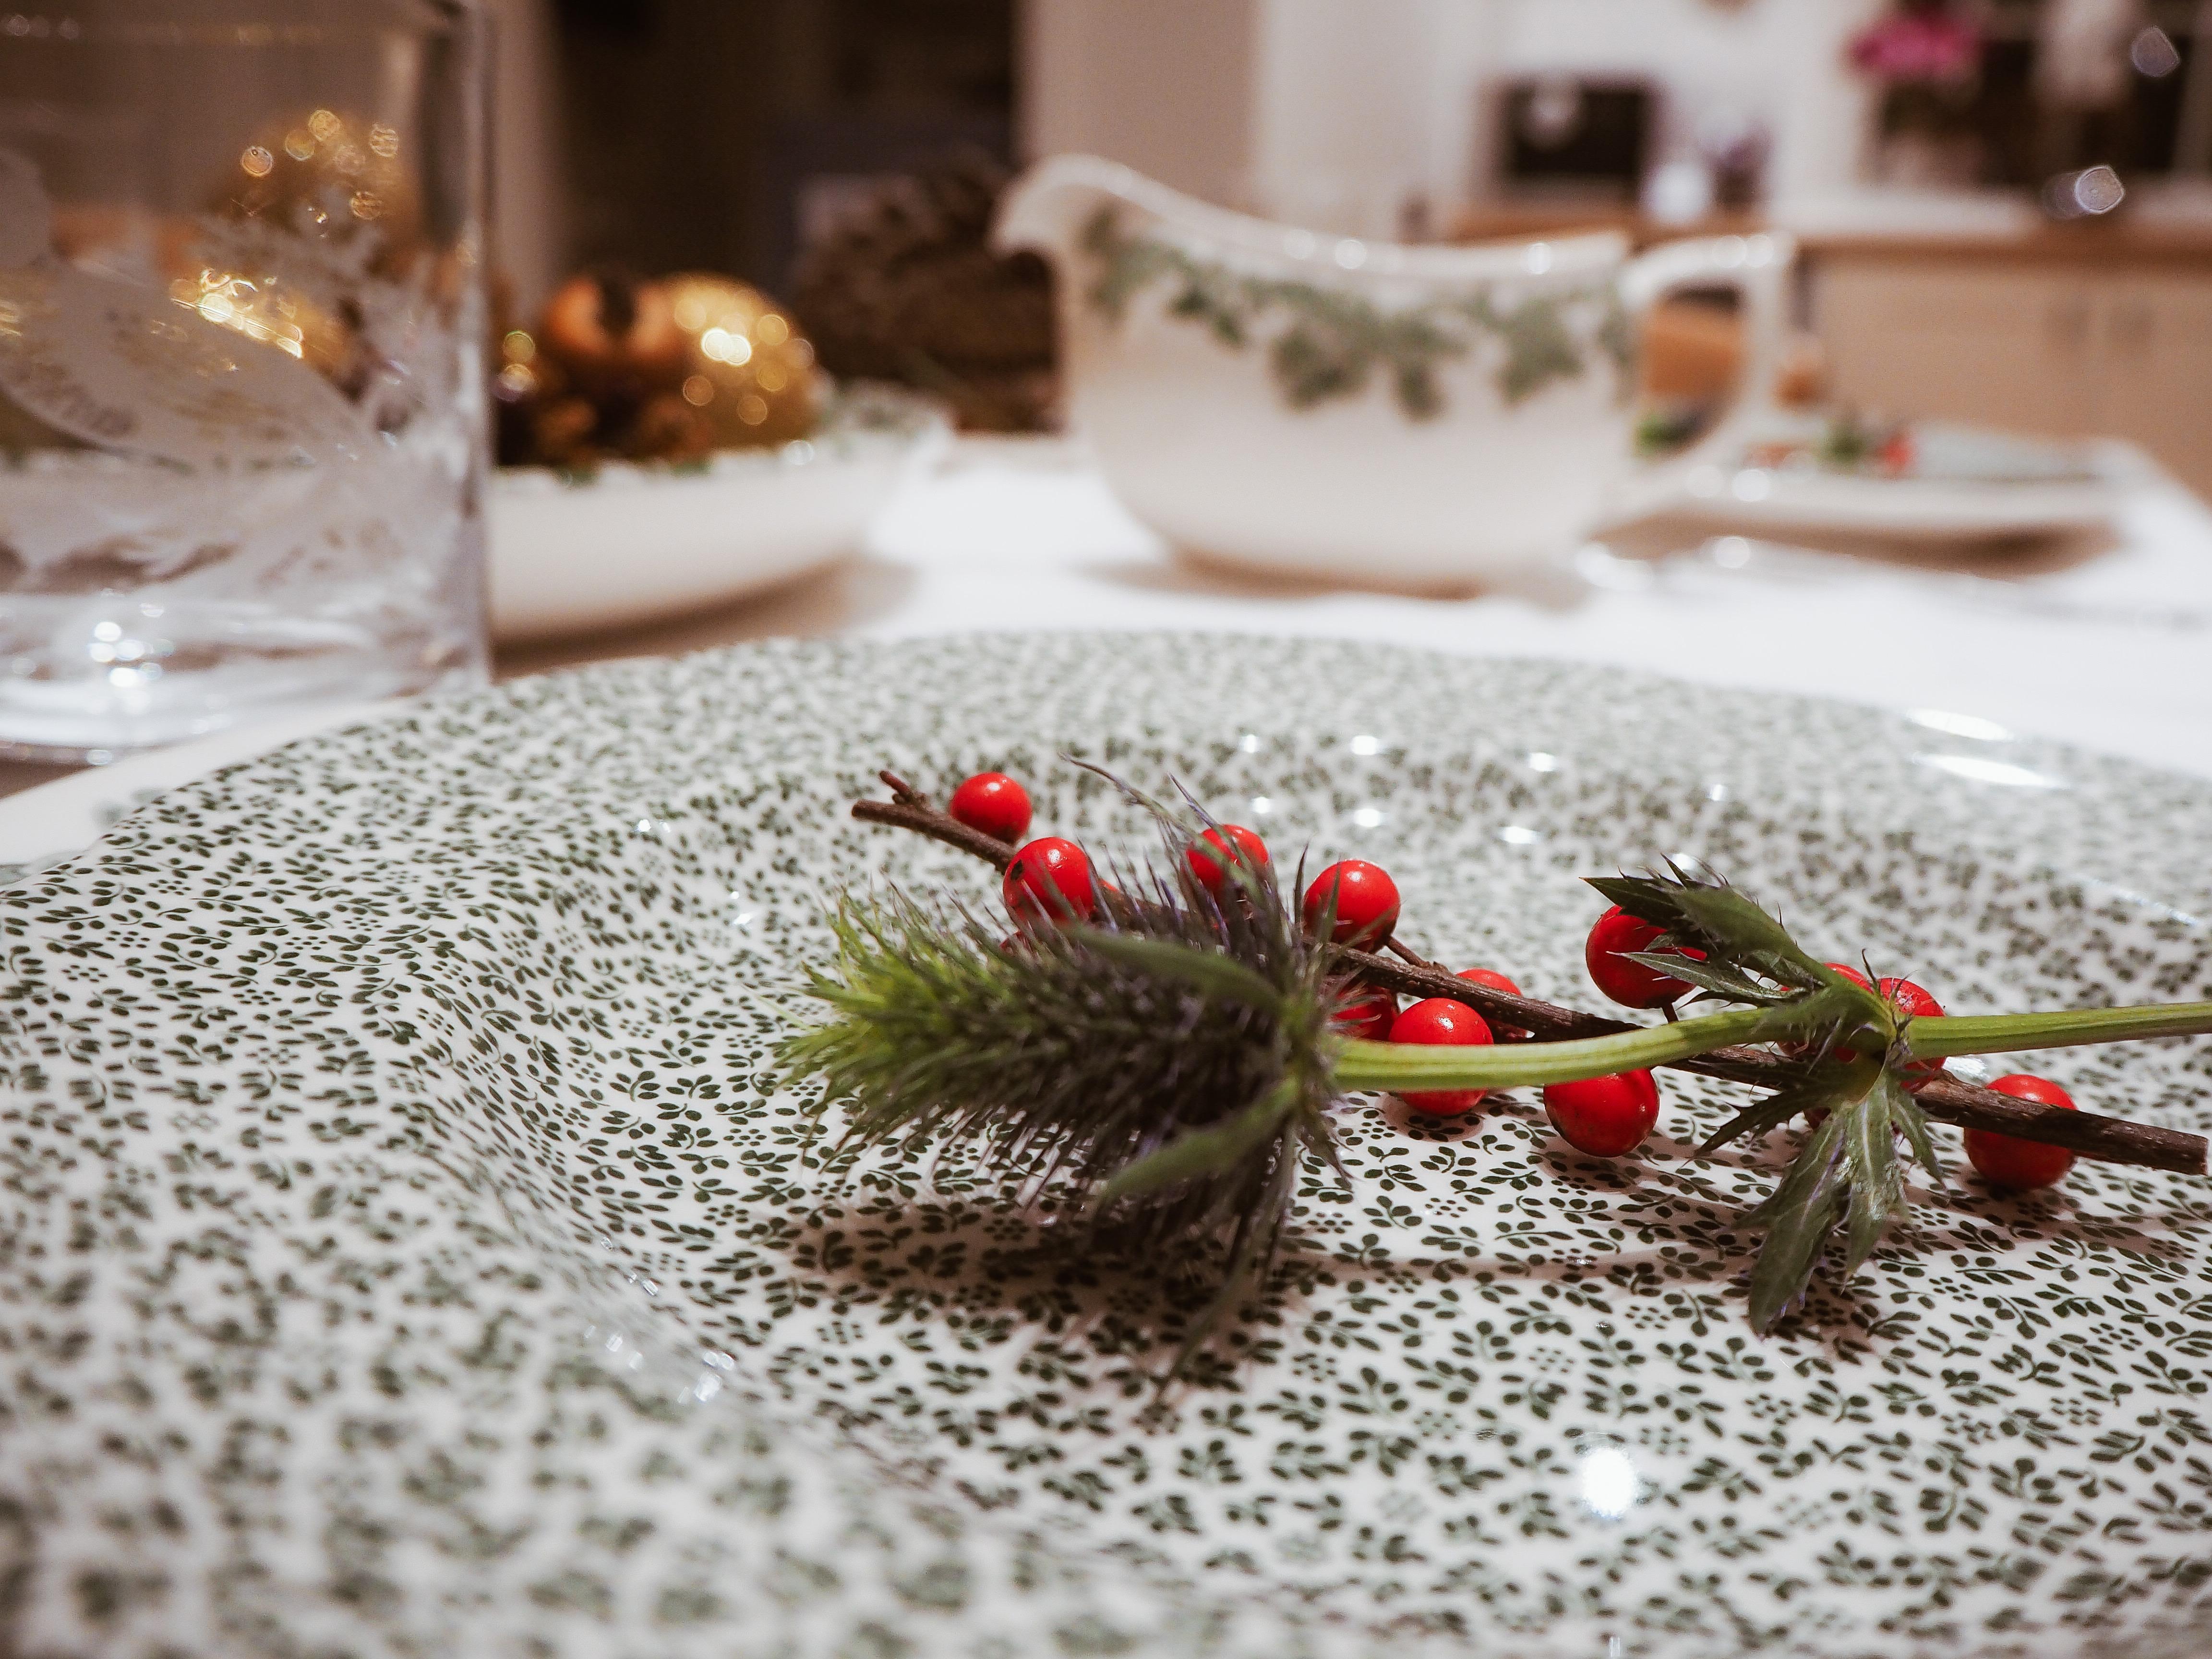 #SpodeDNA - A Merry Spode Christmas